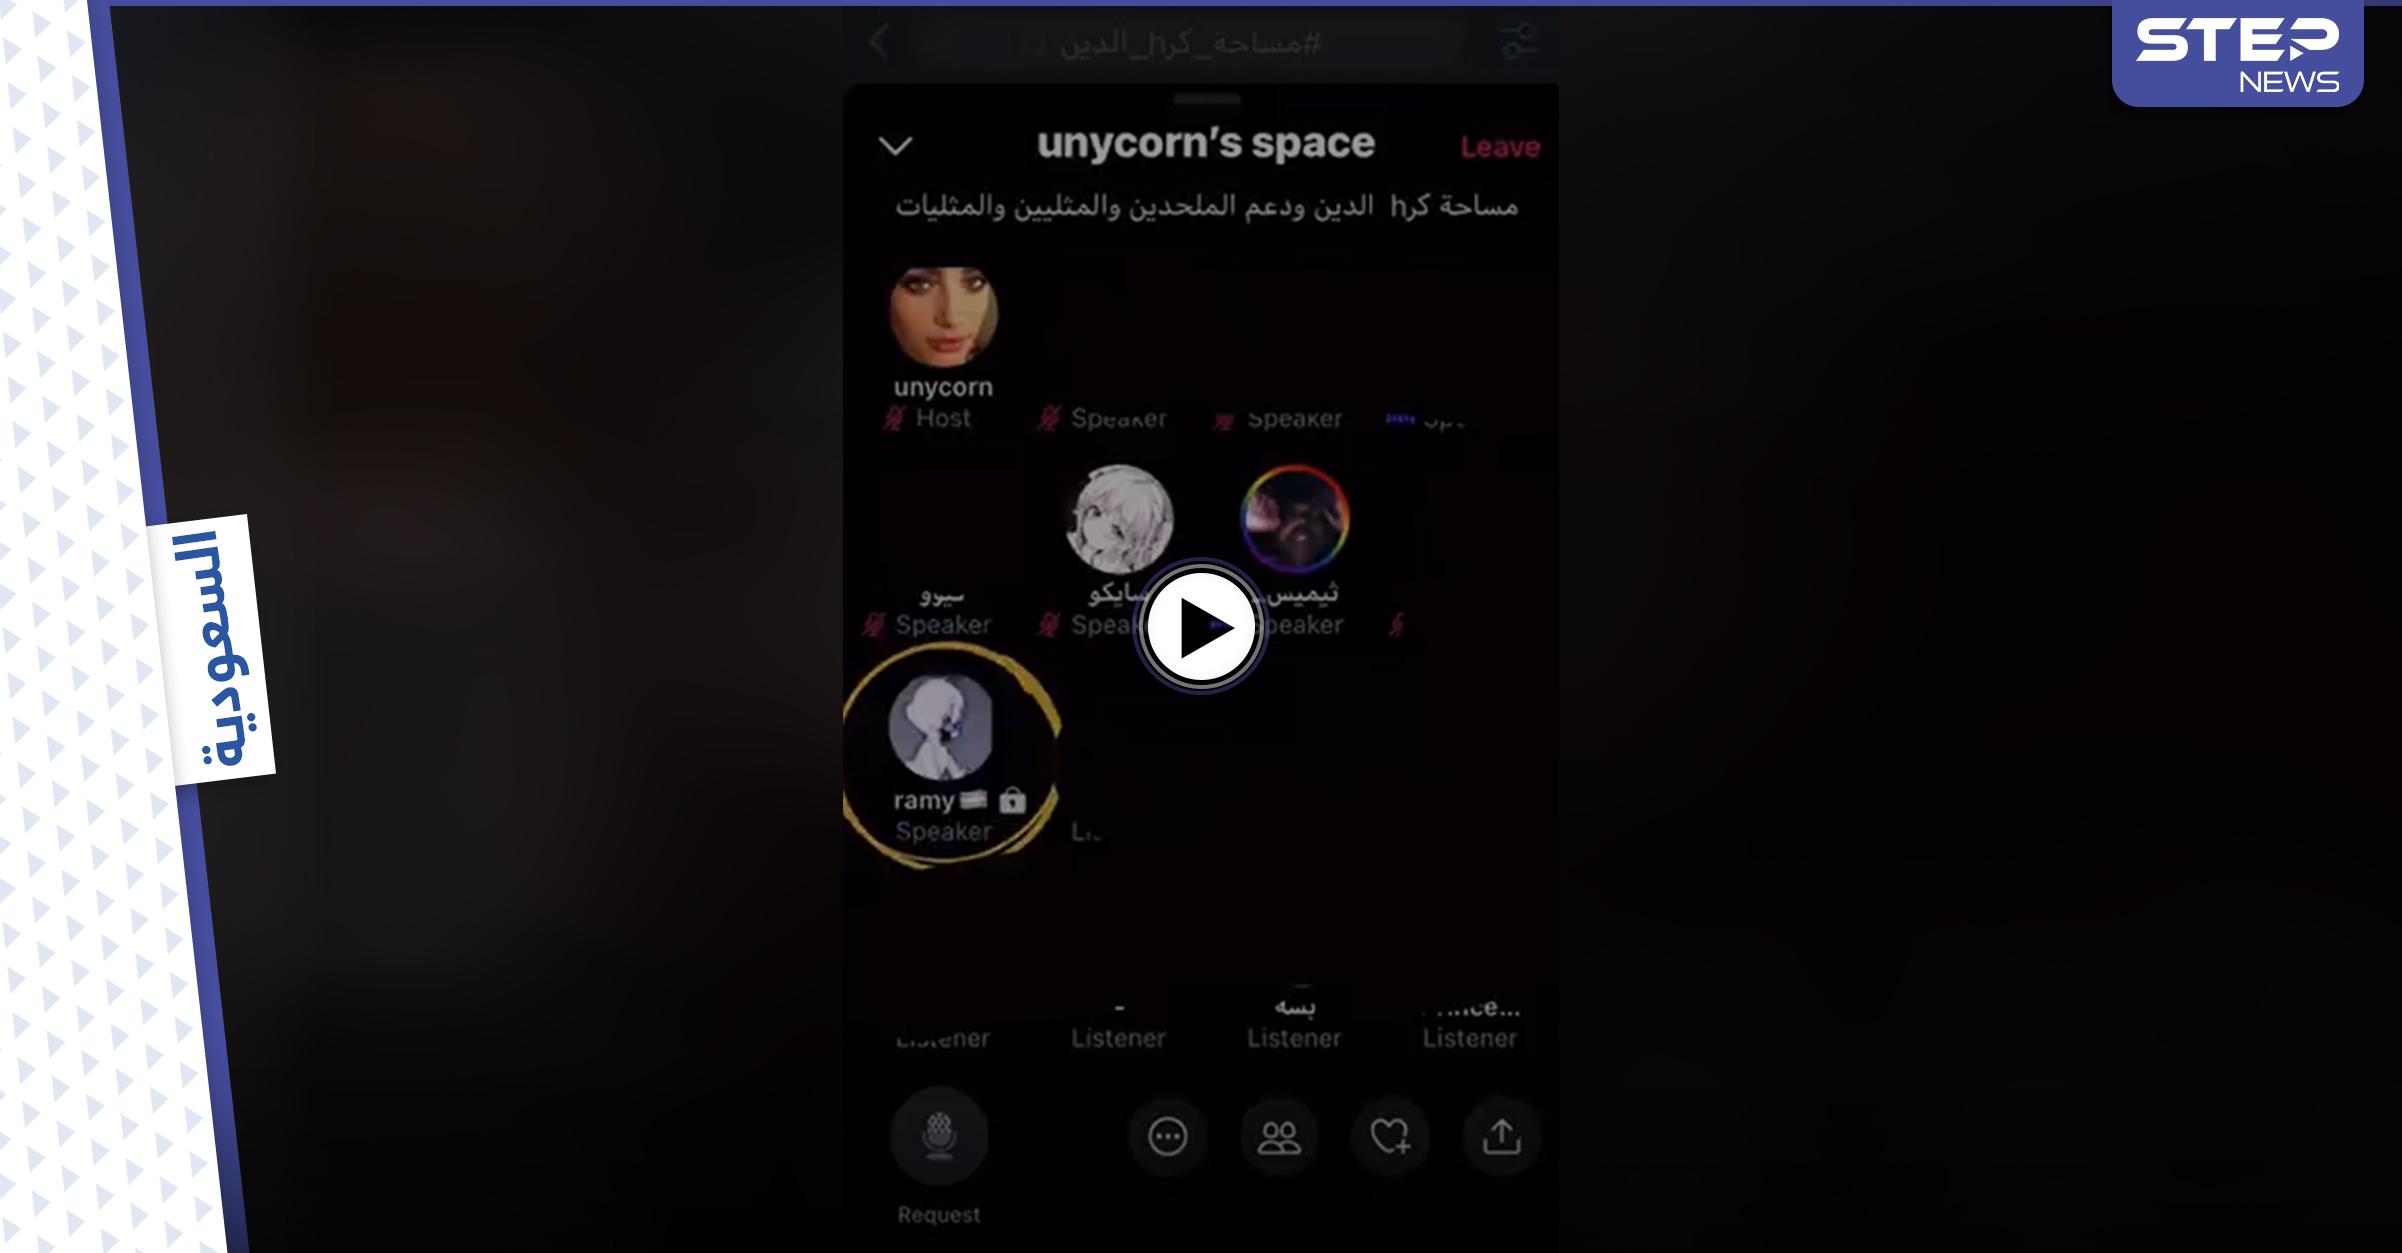 """هاشتاغ """"مساحة كره الدين"""" ثورة غضب عارمة على منصات التواصل في السعودية بعد إنشاء غرف دردشة للإلحاد (فيديو)"""